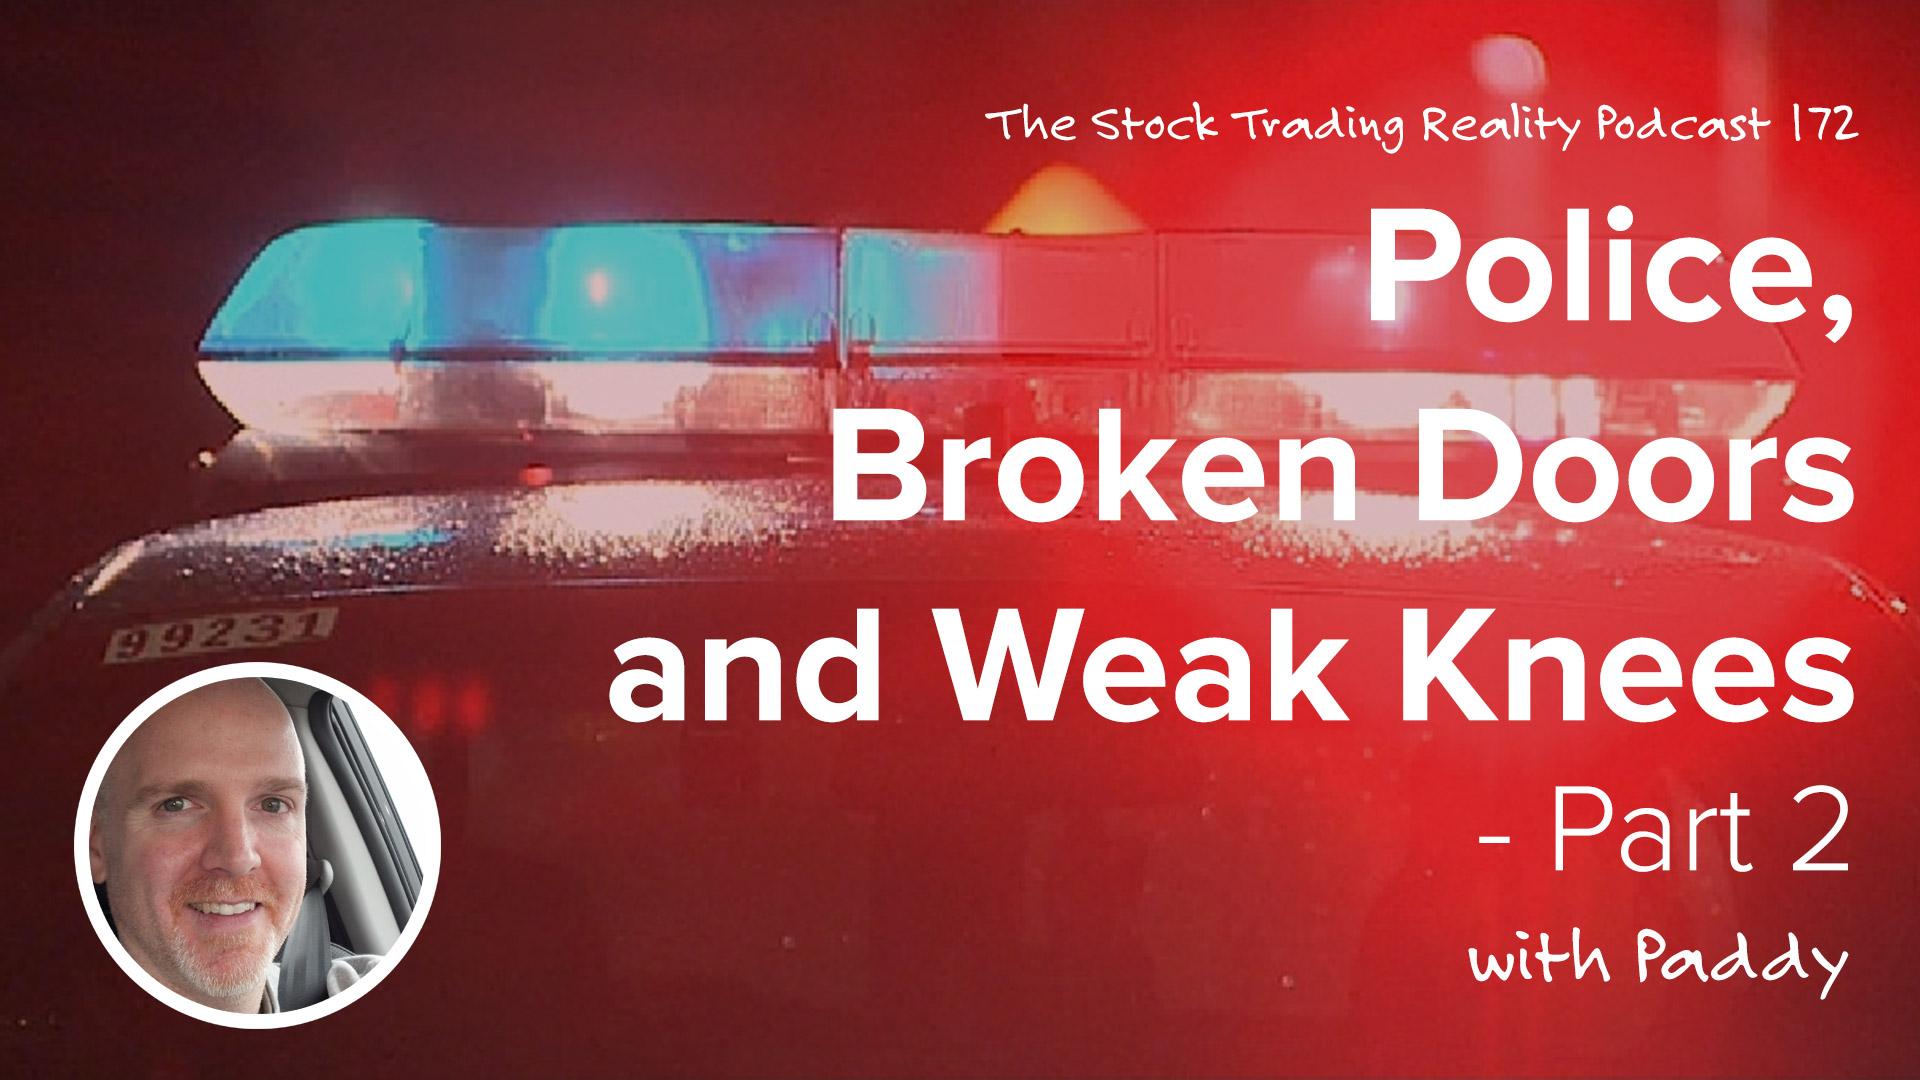 STR 172: Police, Broken Doors and Weak Knees with Paddy! (Part 2)